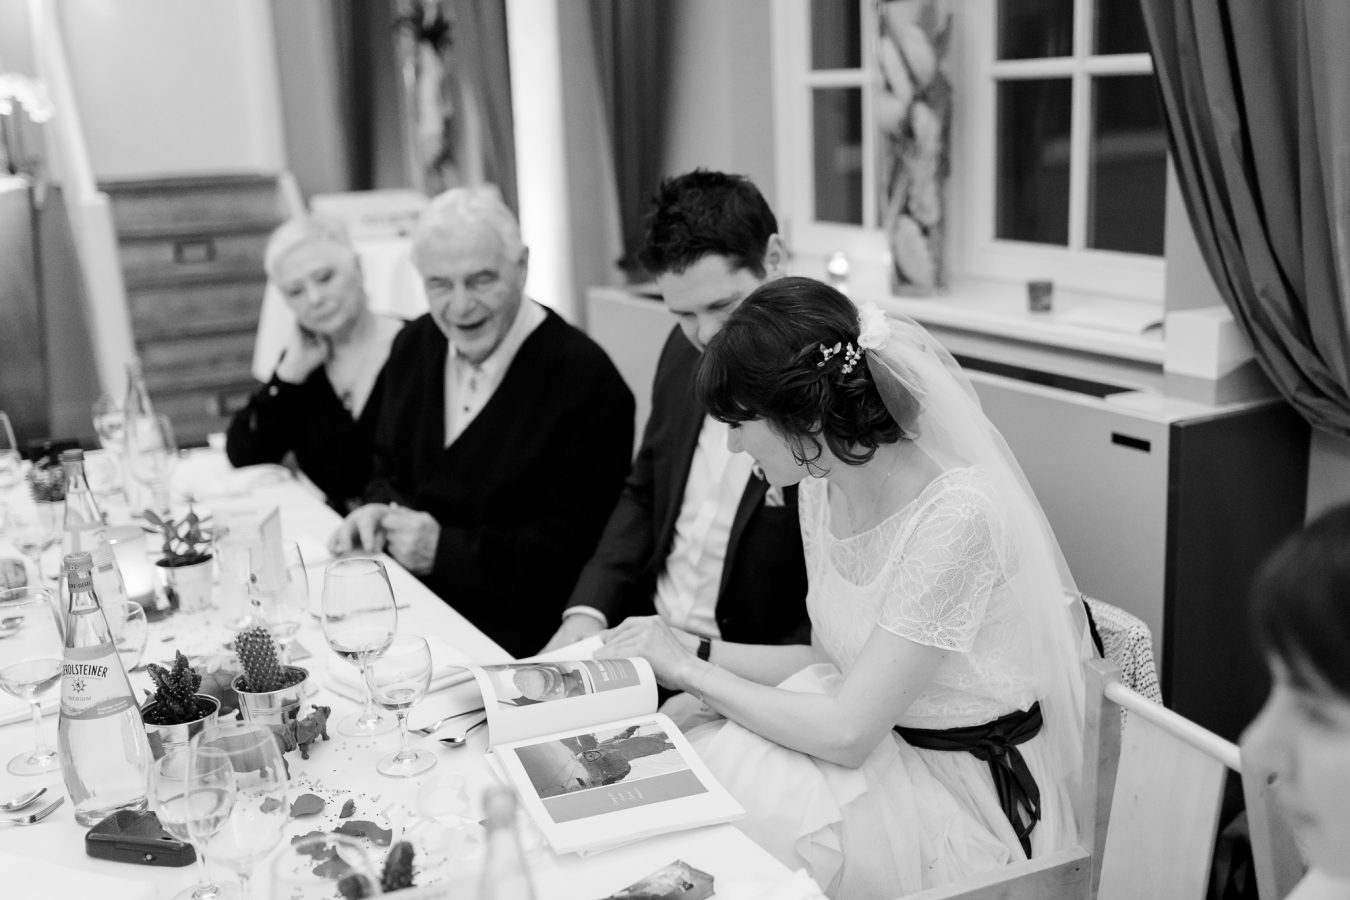 Hochzeitsfotograf Hamburg - Brautpaar sieht sich Gastgeschenk gemeinsam an